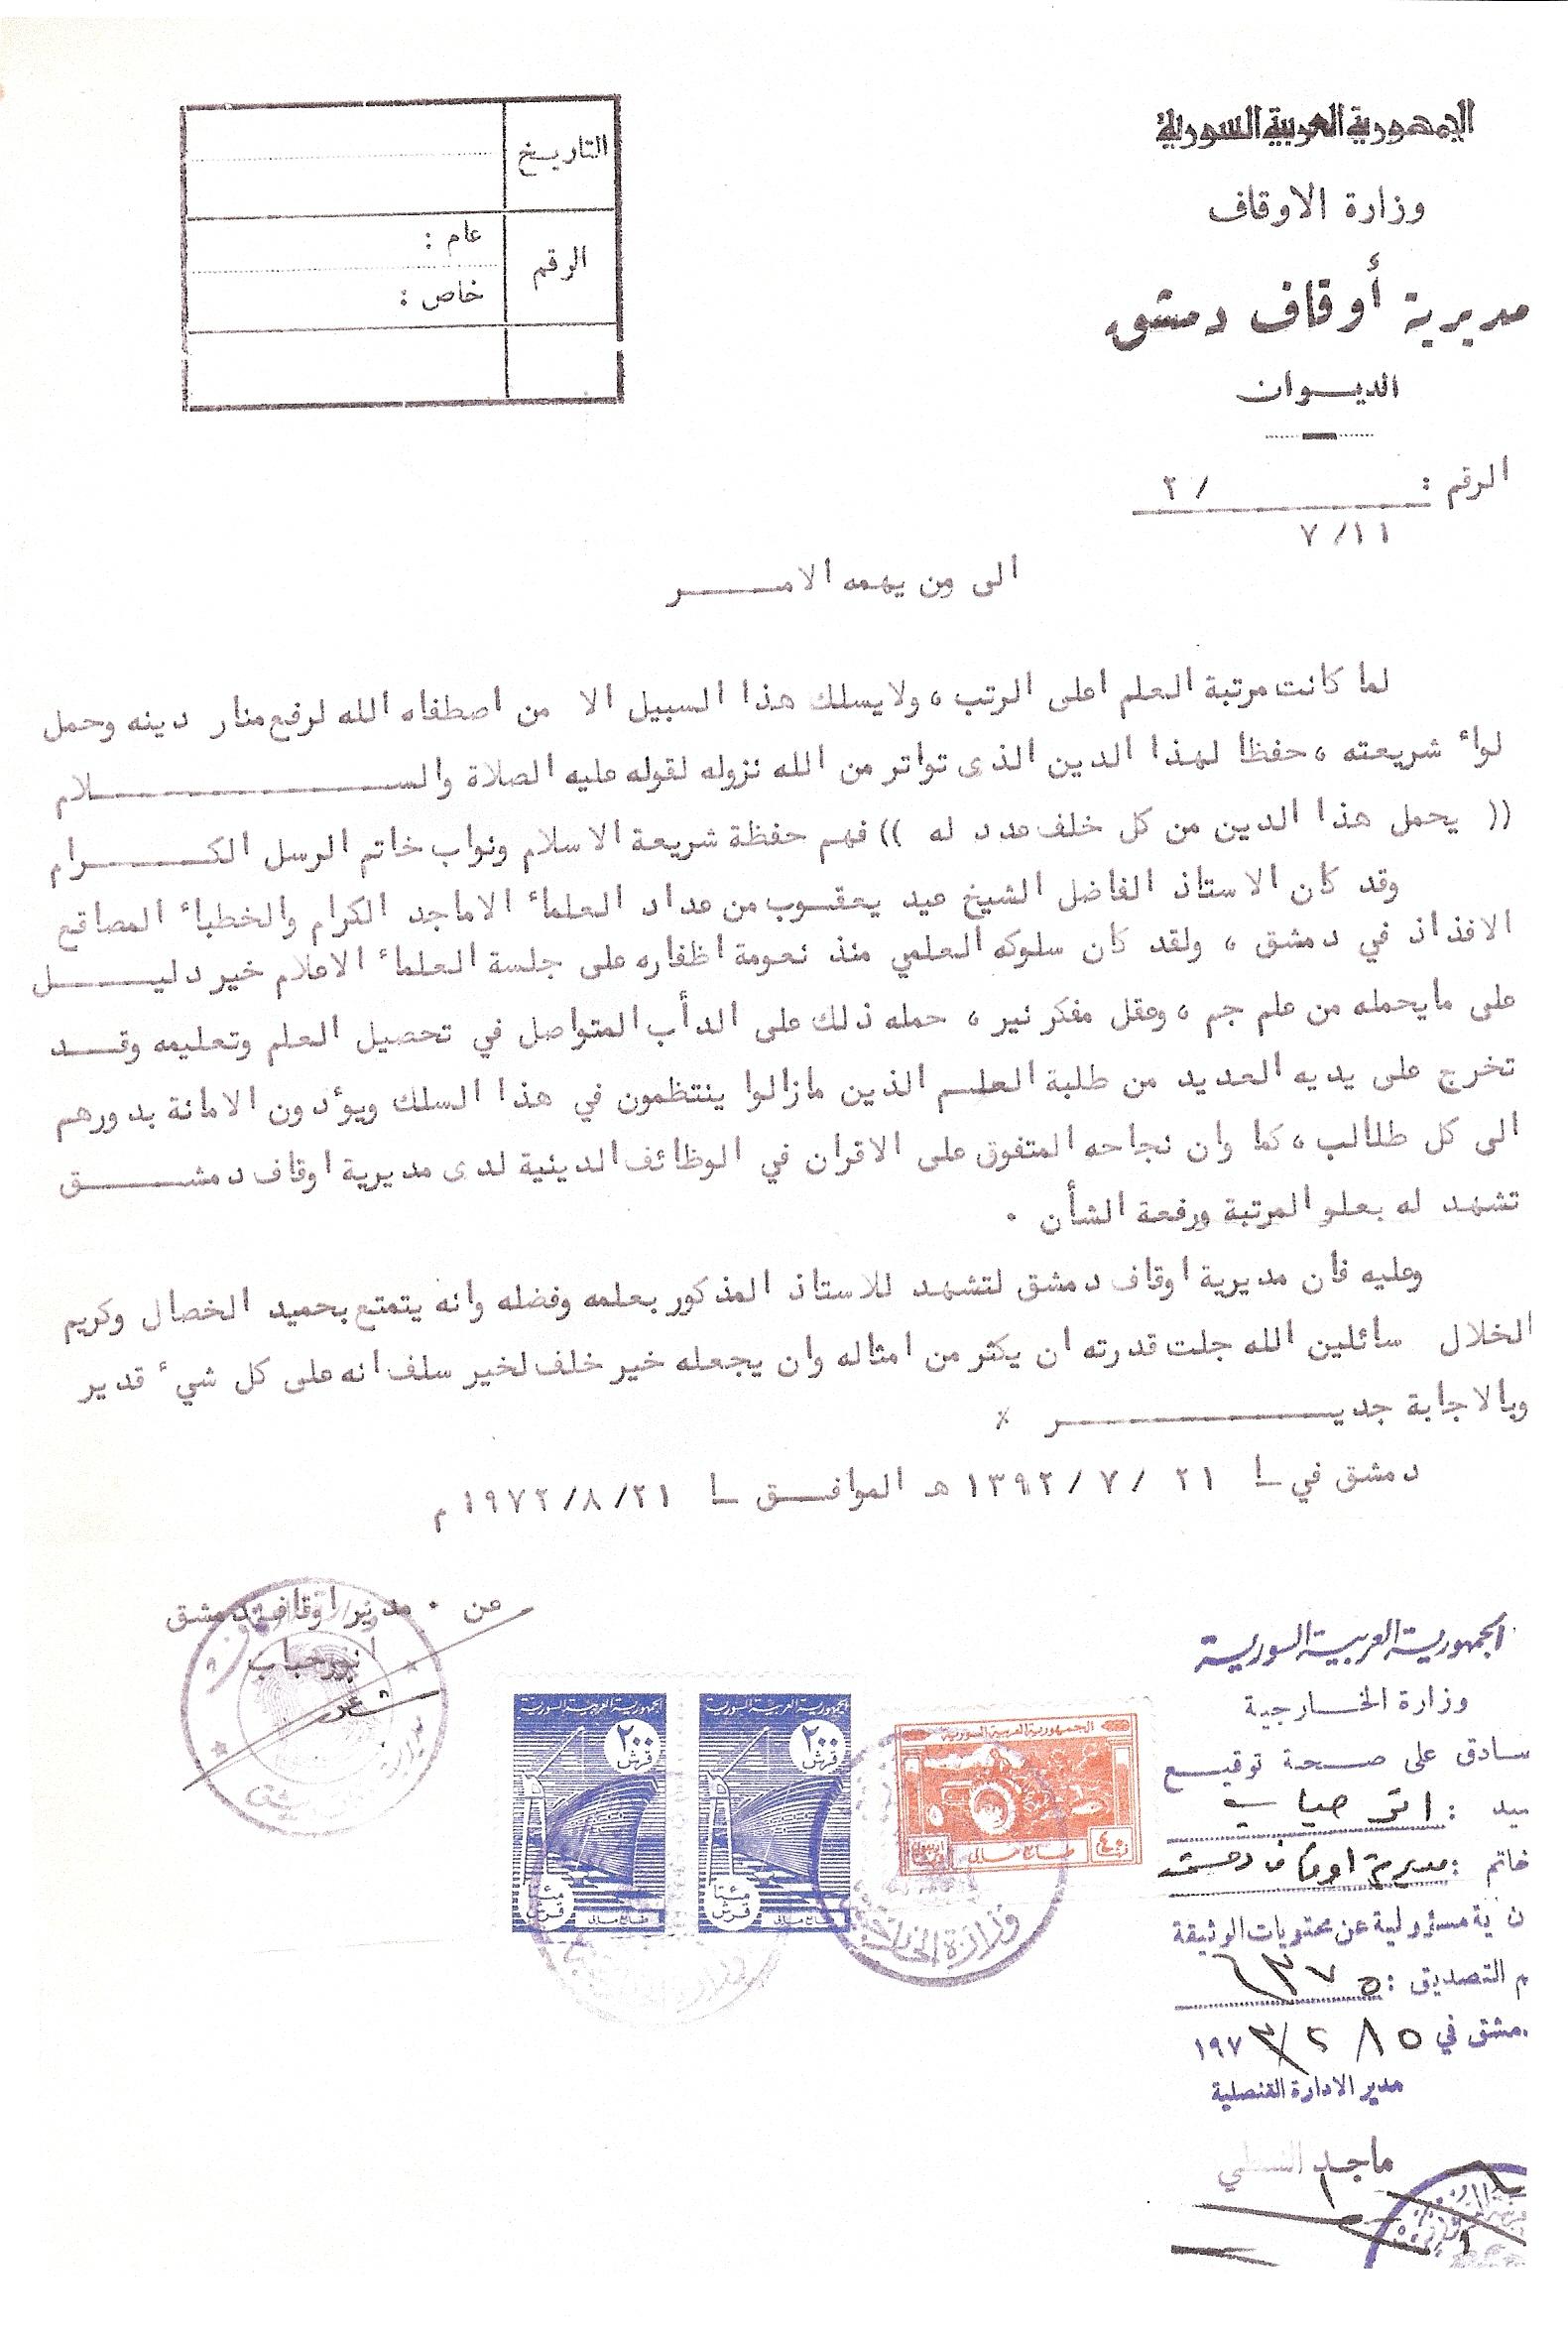 شهادة من مديرية أوقاف دمشق